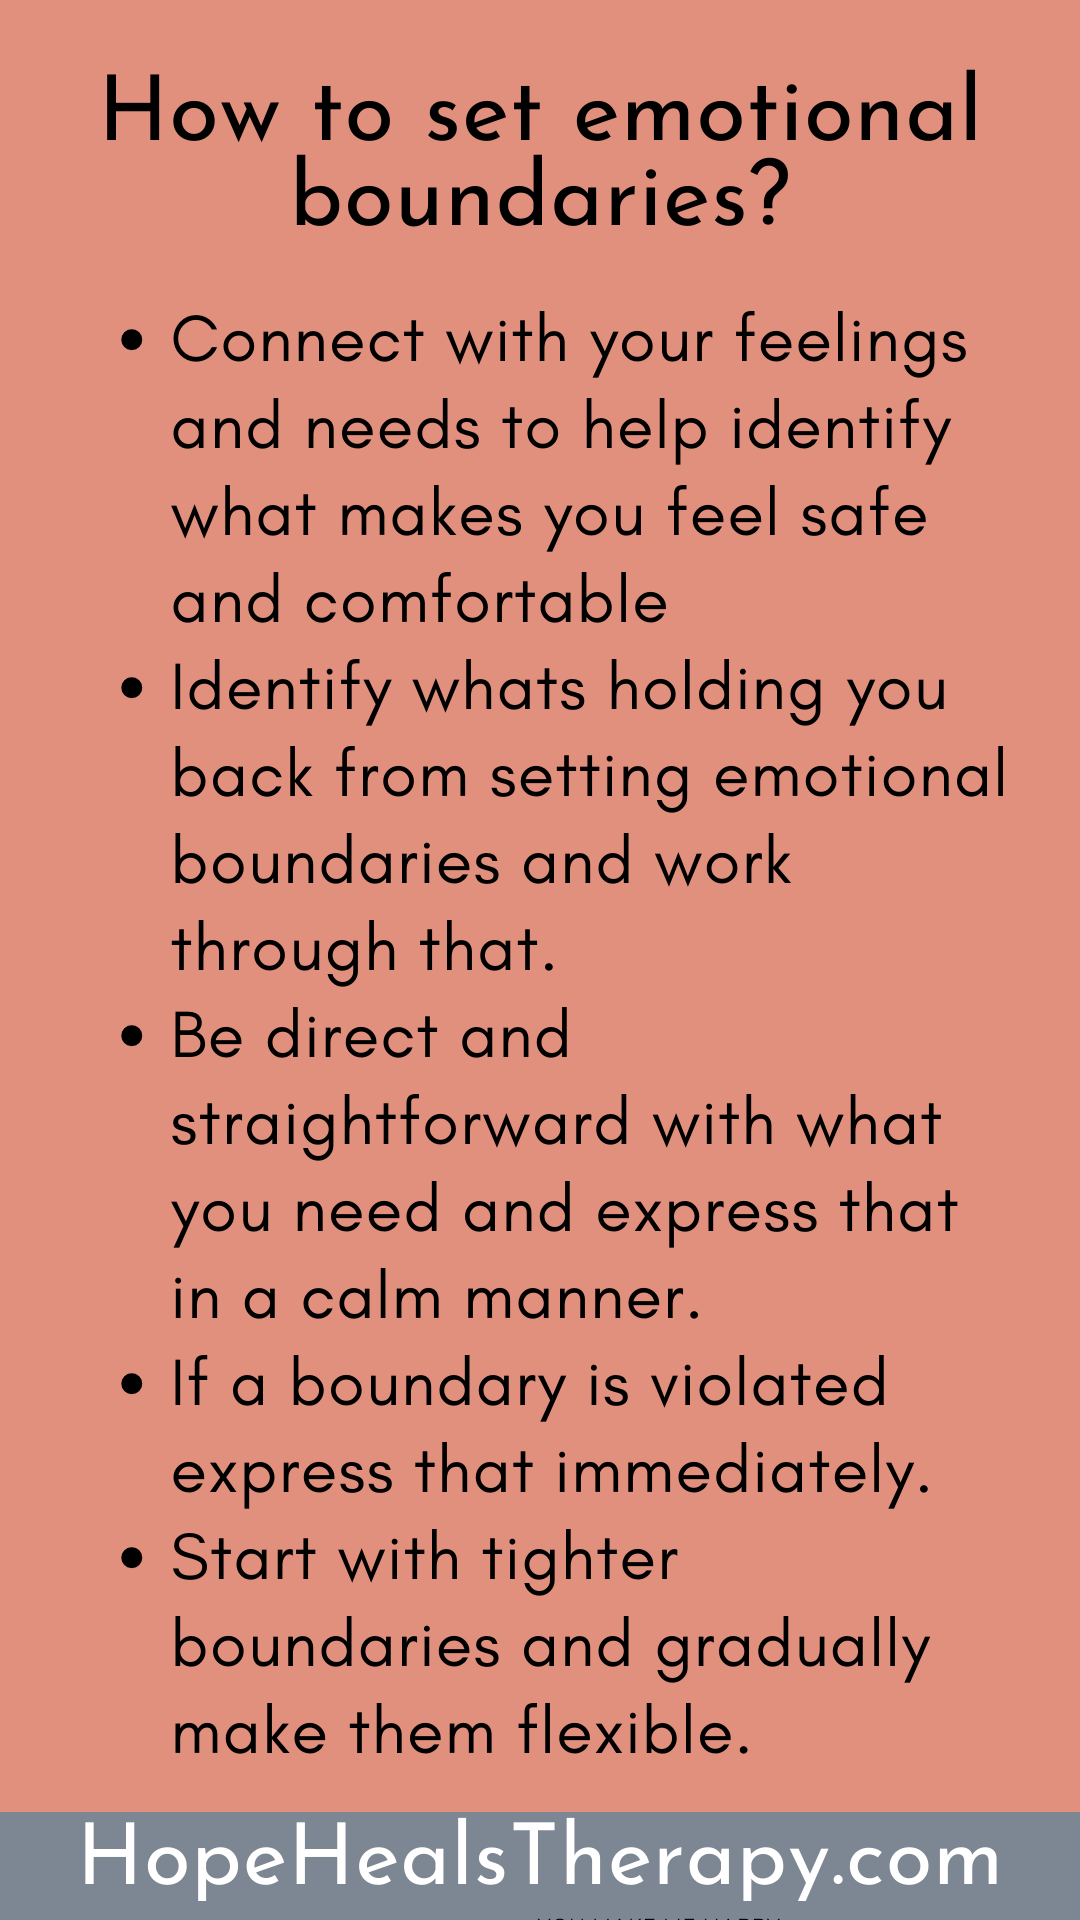 How-to-set-emotional-boundaries